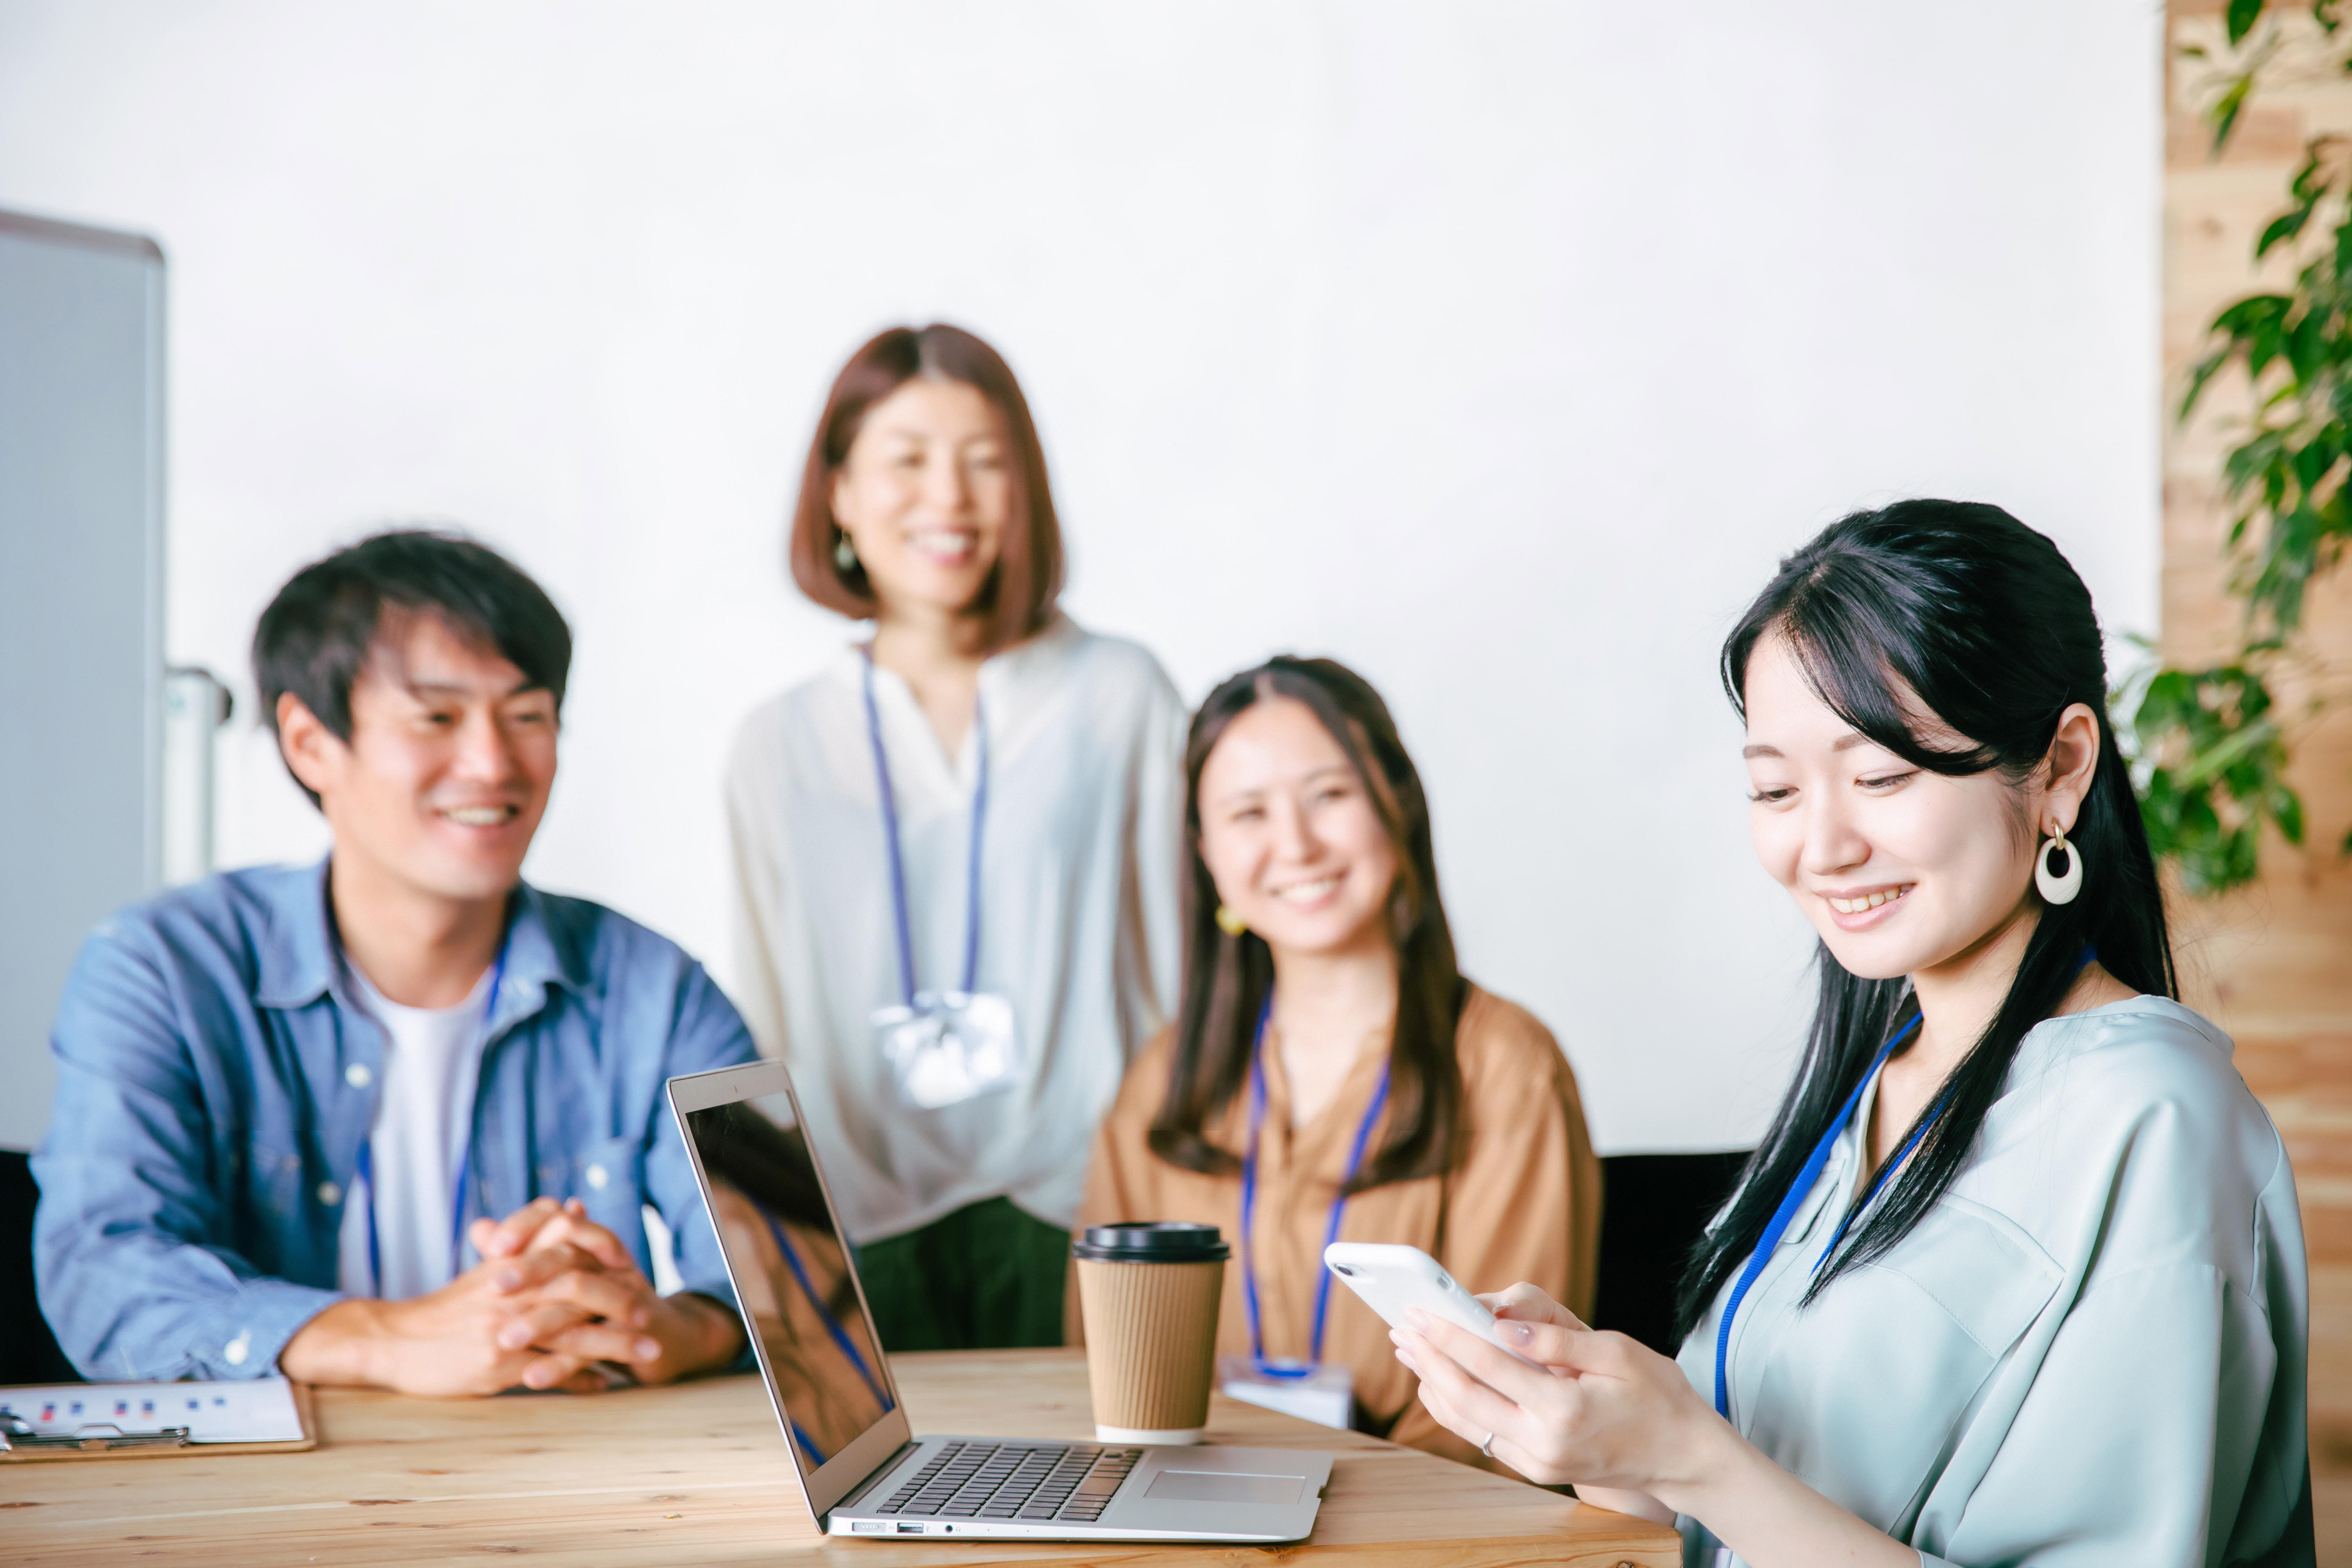 スマホを使う会議中の女性